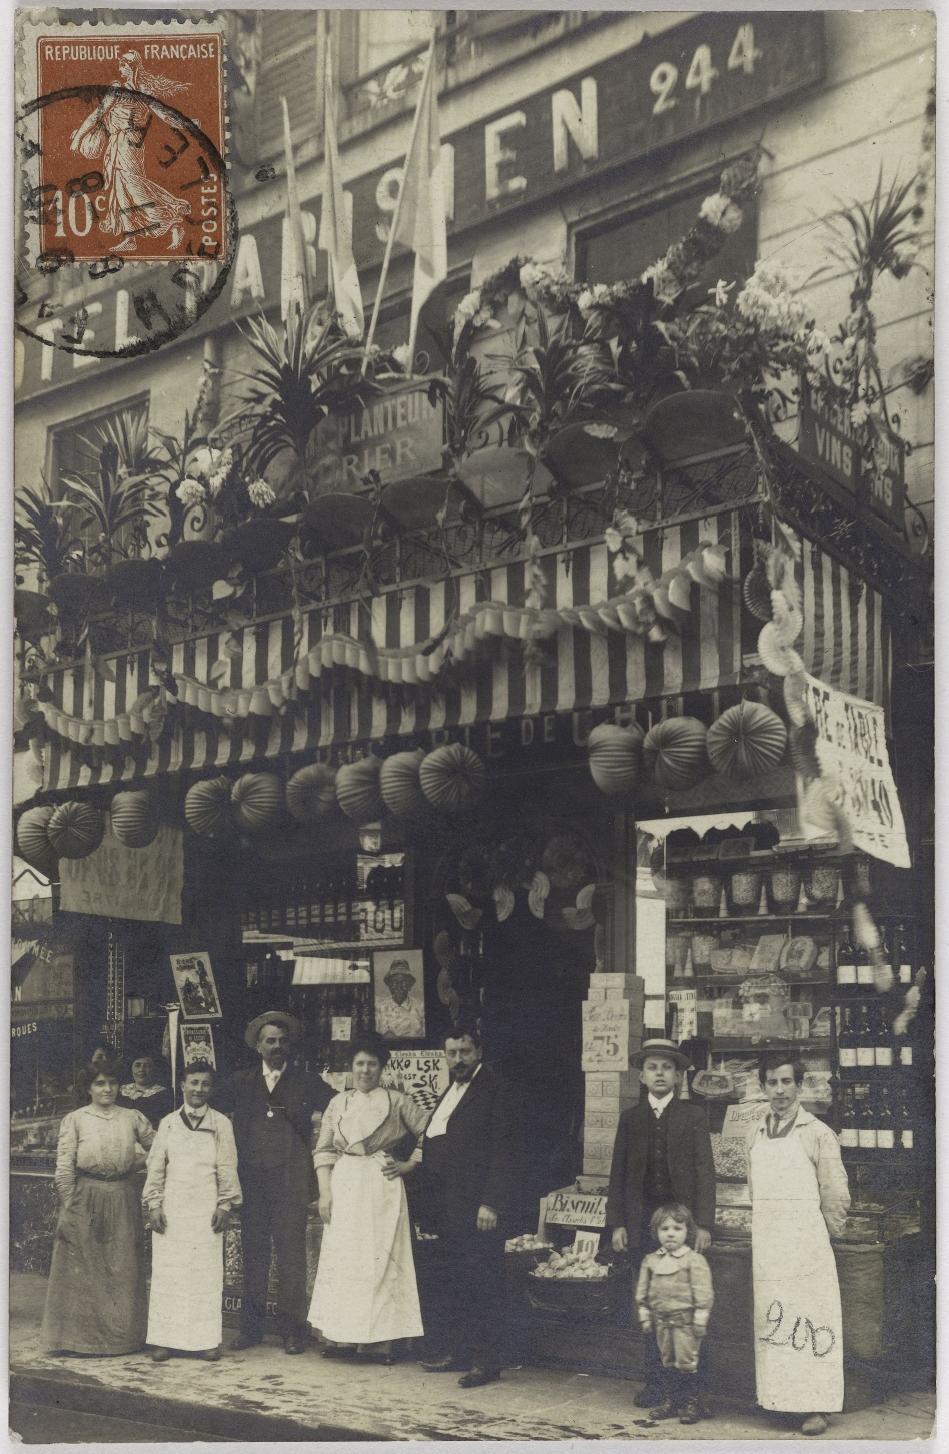 1911. Продовольственные товары. 244, rue Saint-Denis (2-й округ). Сейчас Deker's, Магазин одежды